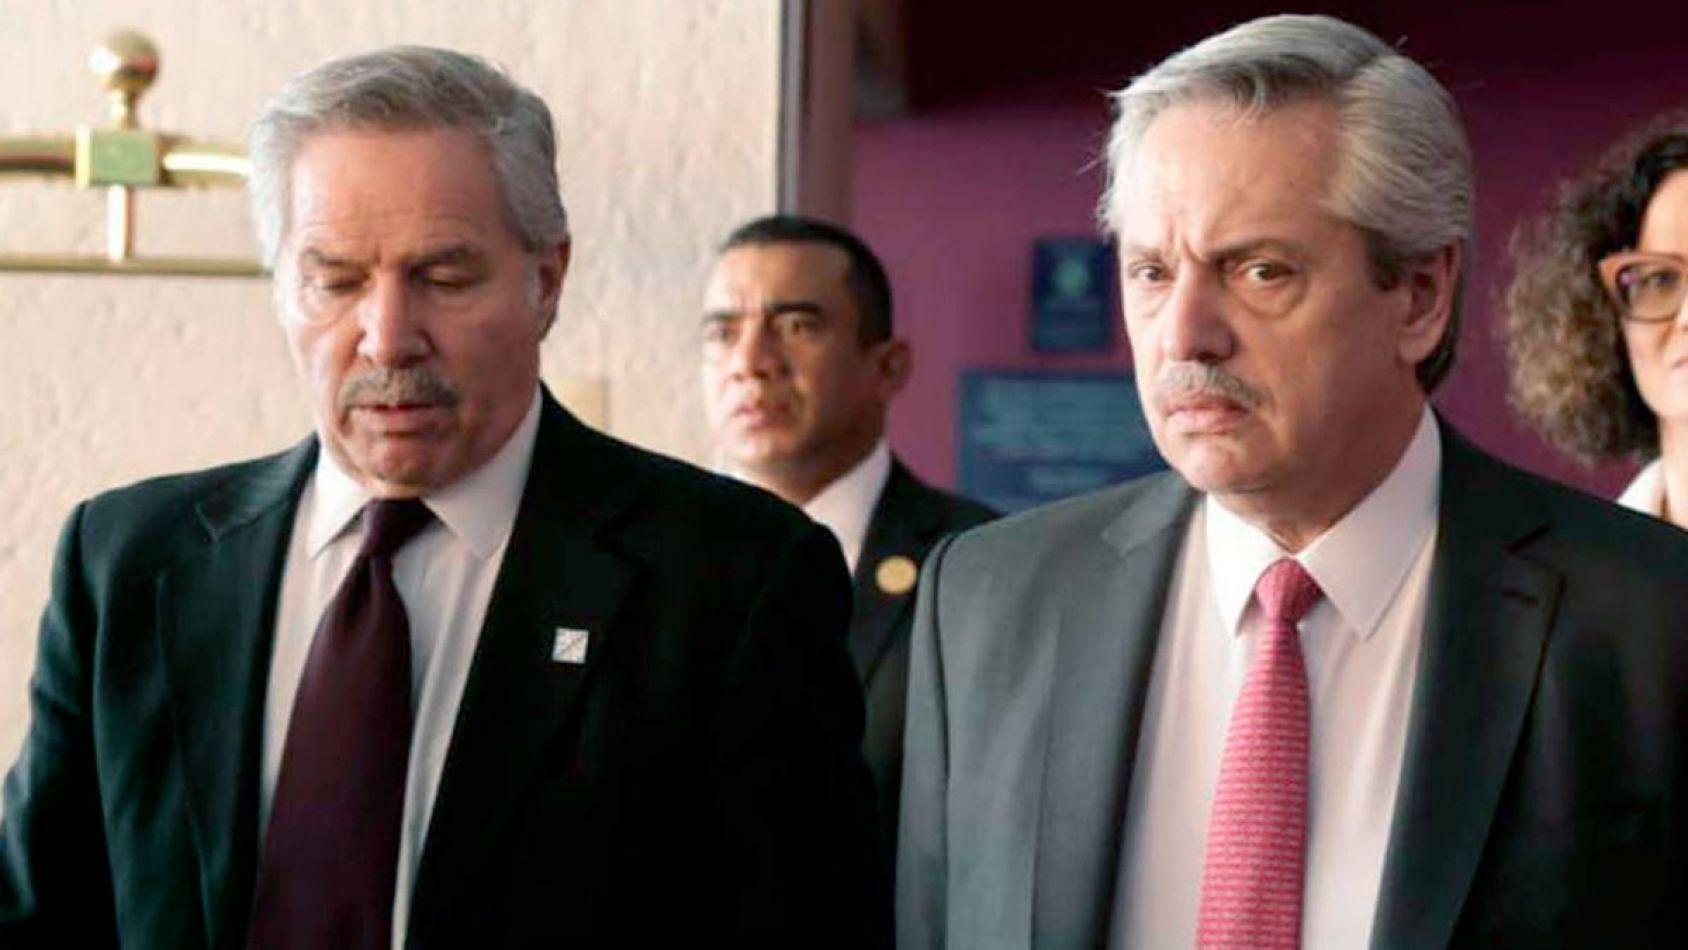 Malvinas: el Gobierno argentino evalúa rescindir acuerdos históricos con el Reino Unido